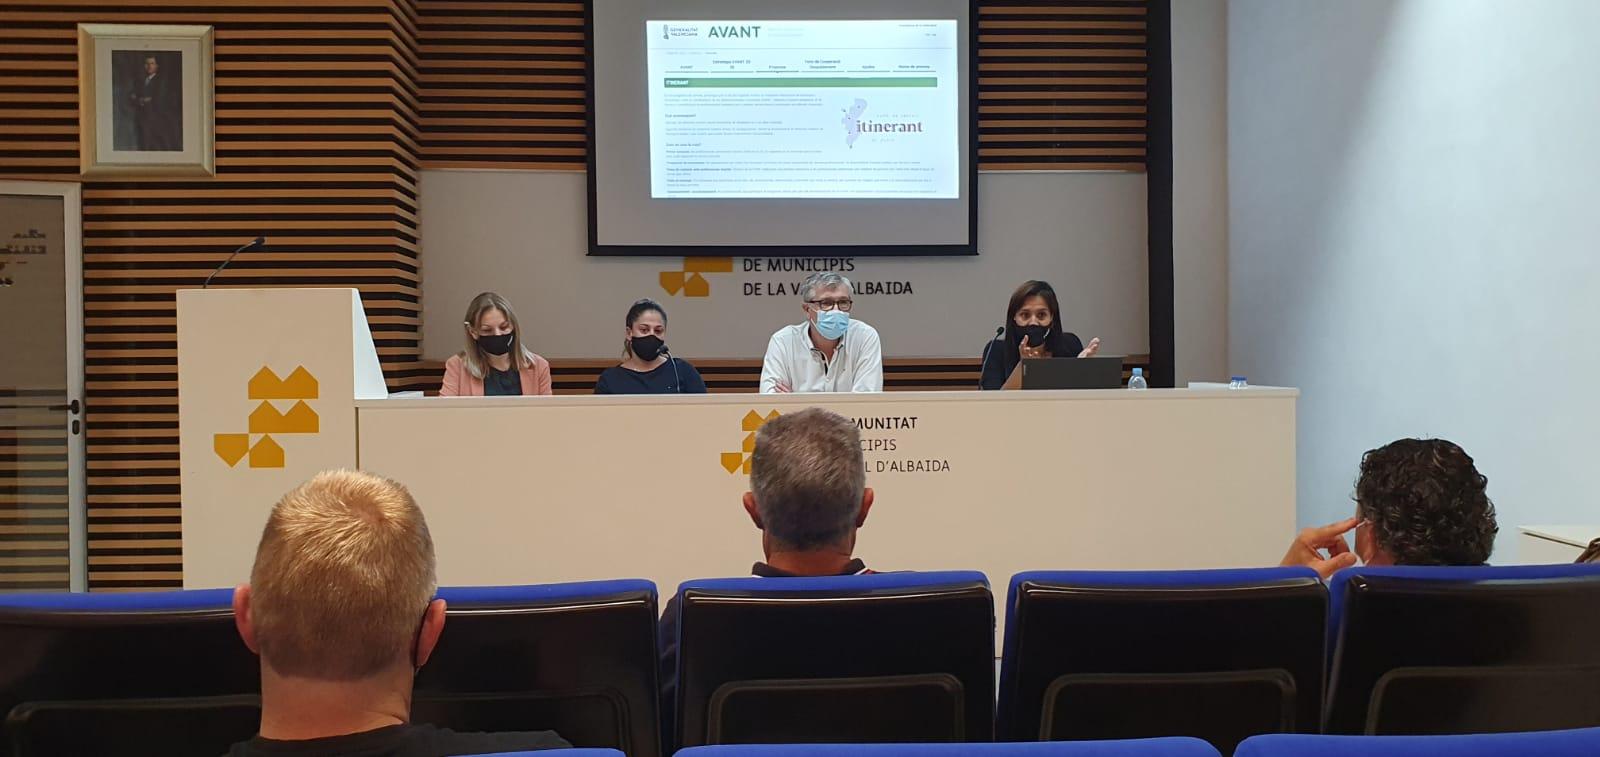 """Avant amplia el programa Itinerant de prestació de serveis a municipis de la Vall d""""Albaida i el Comtat-Alcoià"""